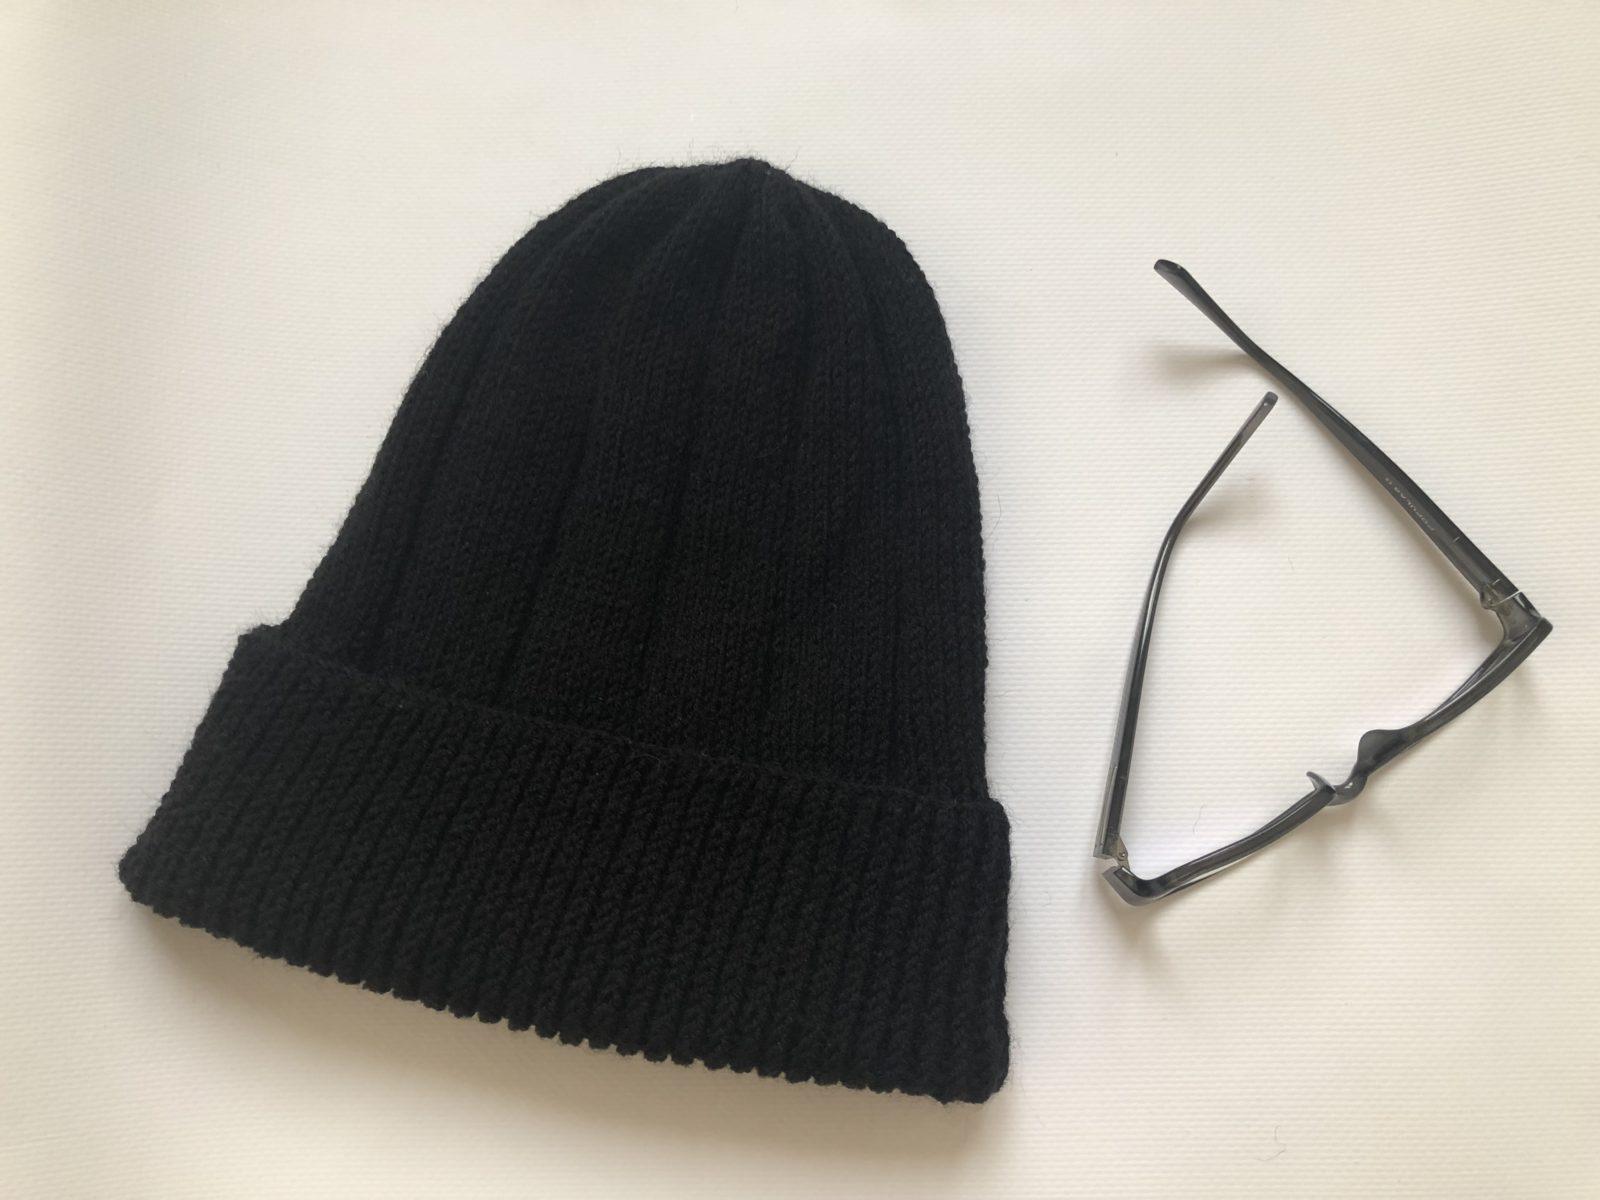 IMG_7395 Простая мужская шапка спицами, схема мужской шапки спицами, пошаговое описание с фото. Мужская шапка спицами для начинающих